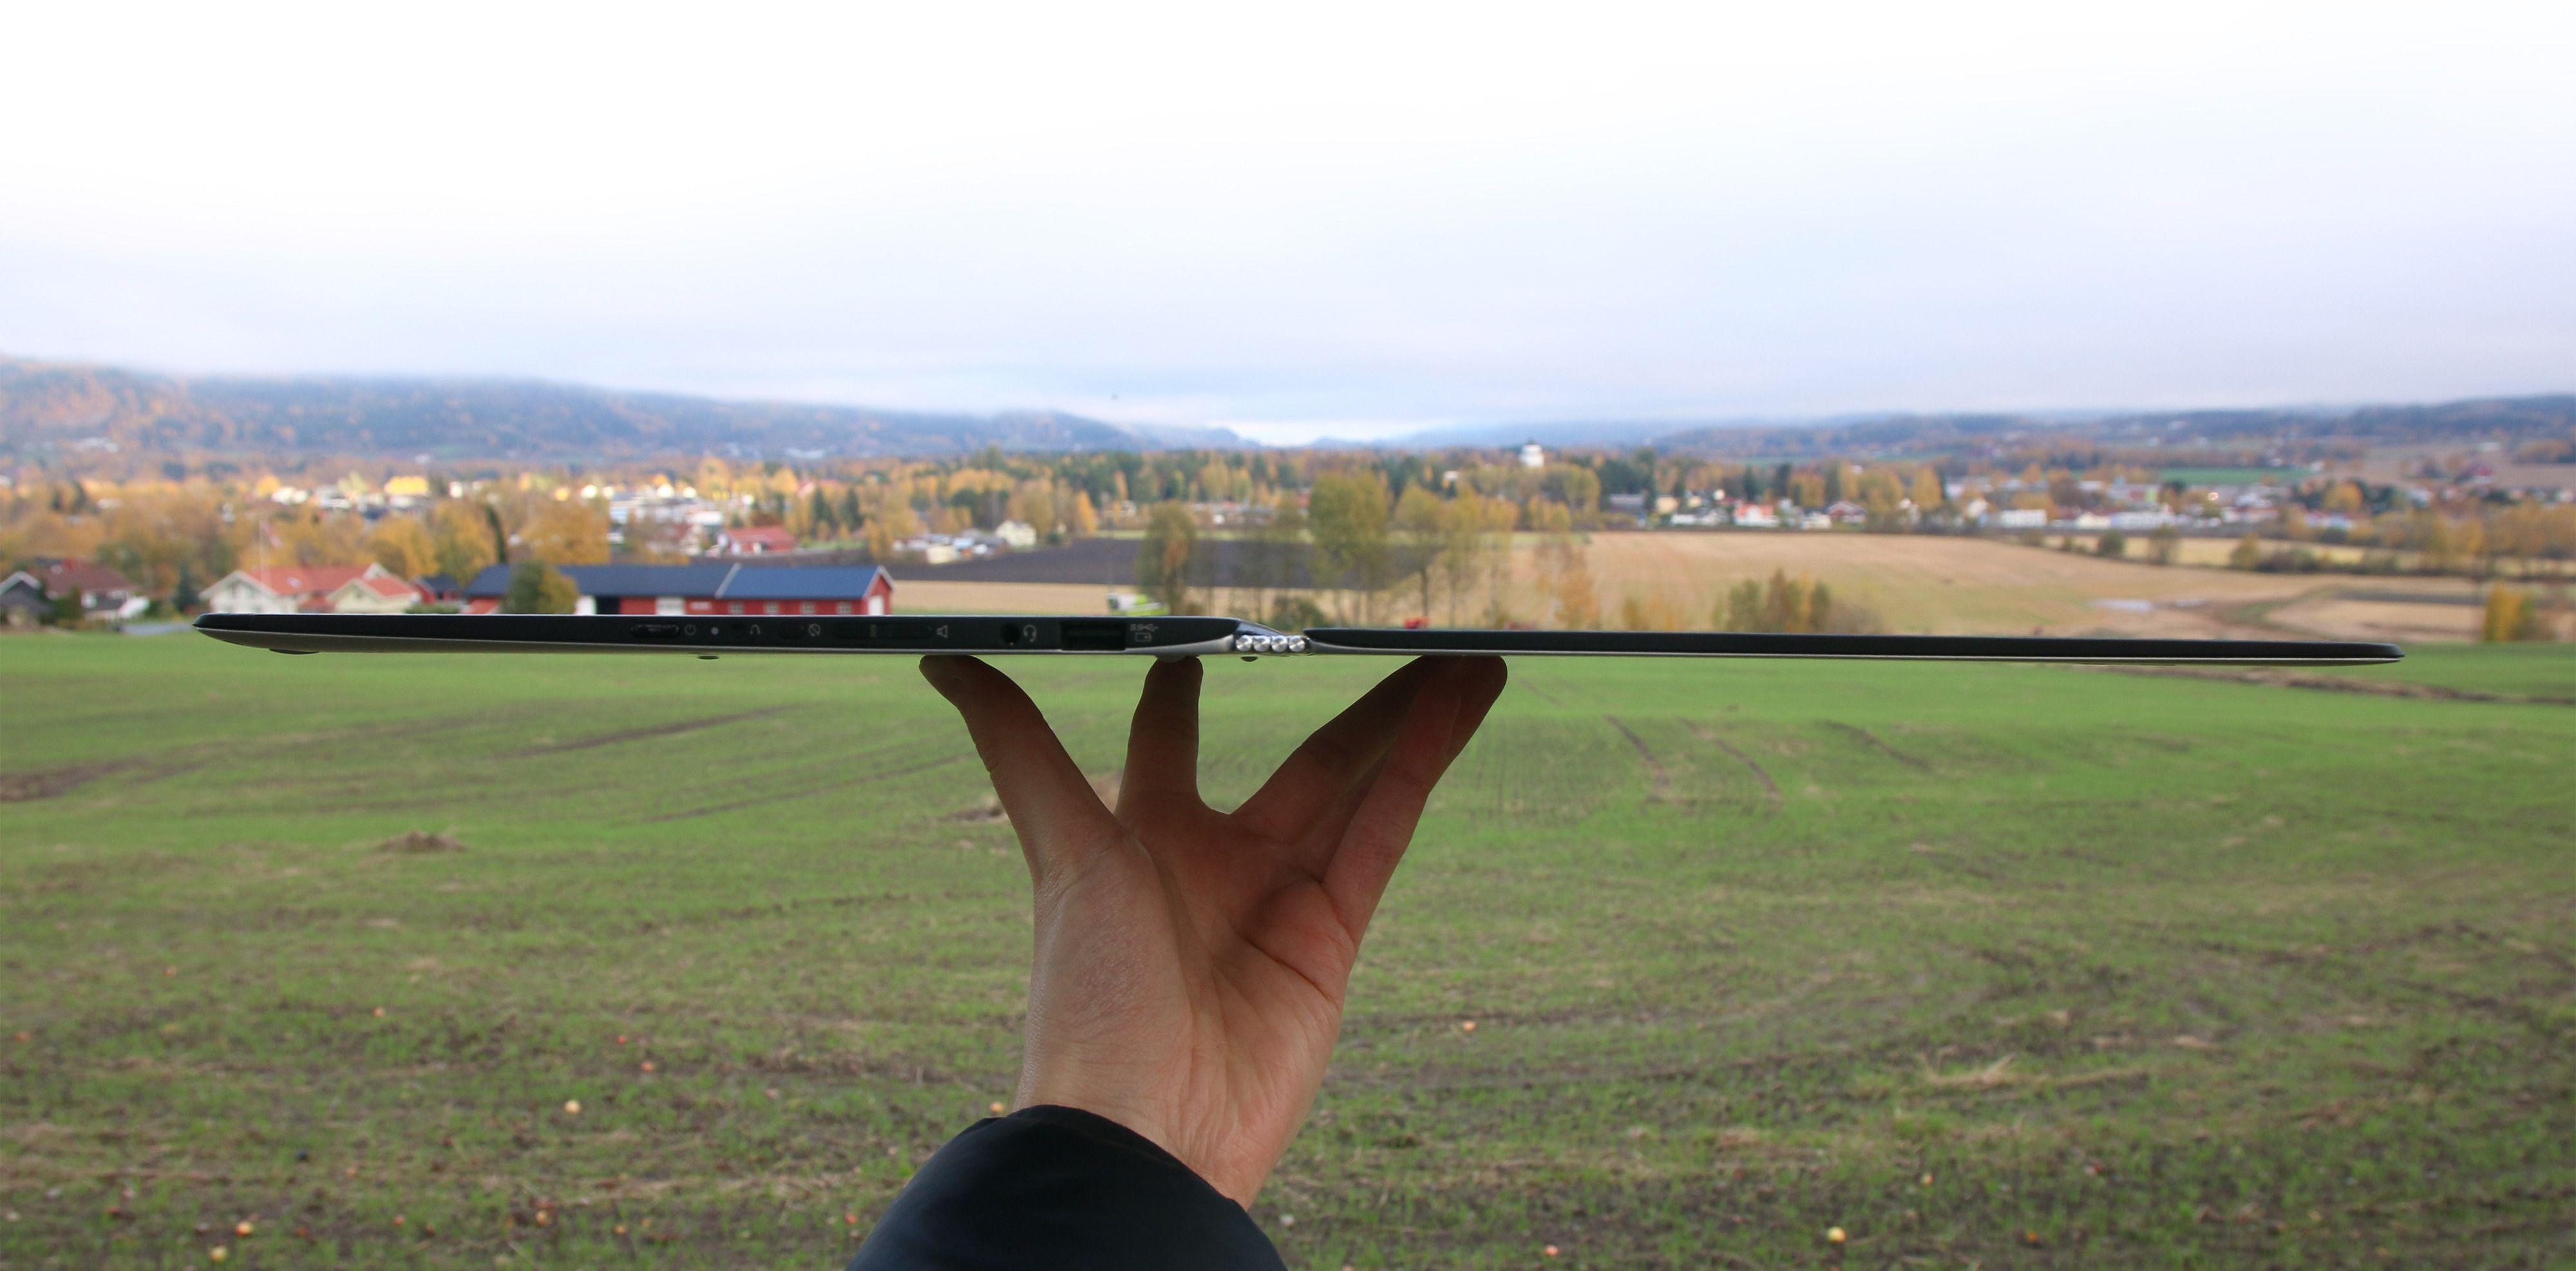 Lenovos nyeste Yoga Pro er utrolig tynn og har absolutt utseendet med seg. Forgjengeren kan likevel, med sine bedre spesifikasjoner, være et like godt valg.Foto: Anders Brattensborg Smedsrud, Tek.no